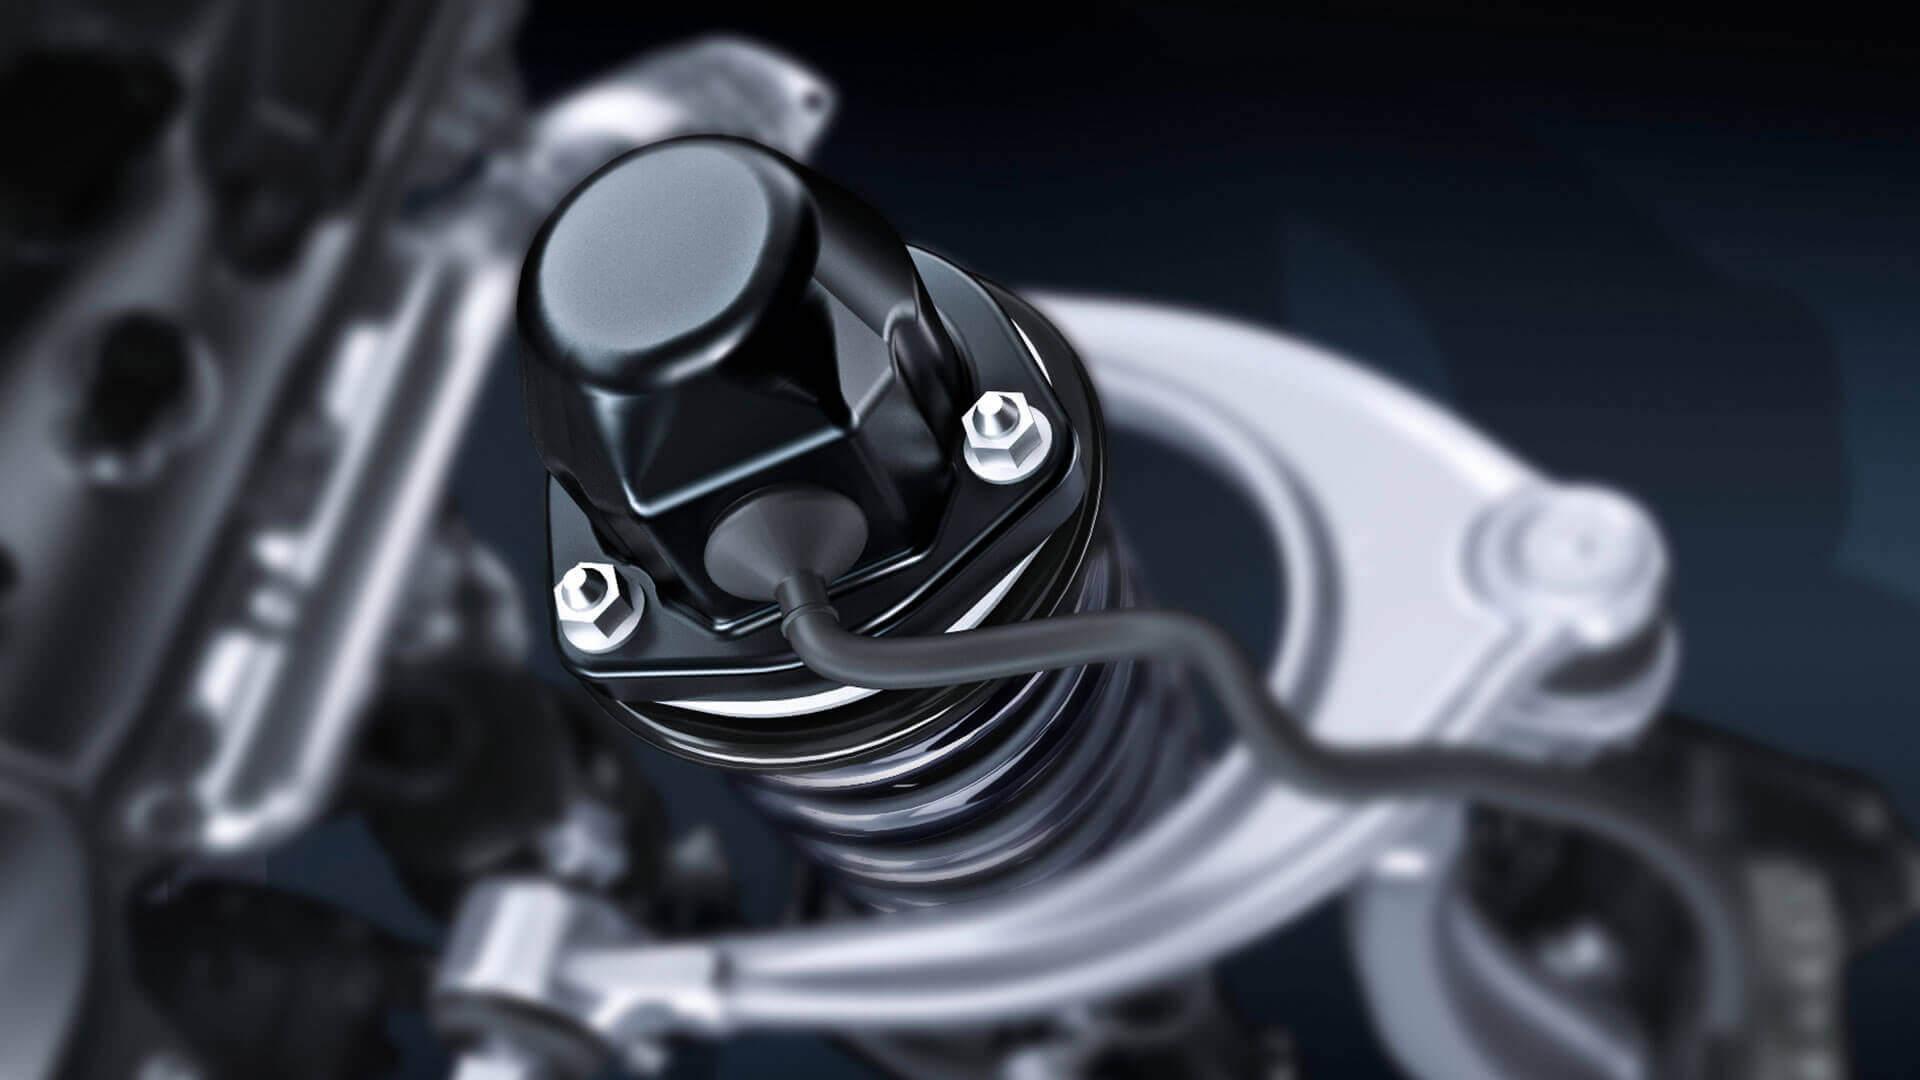 2017 lexus gs 200t features adaptive suspension